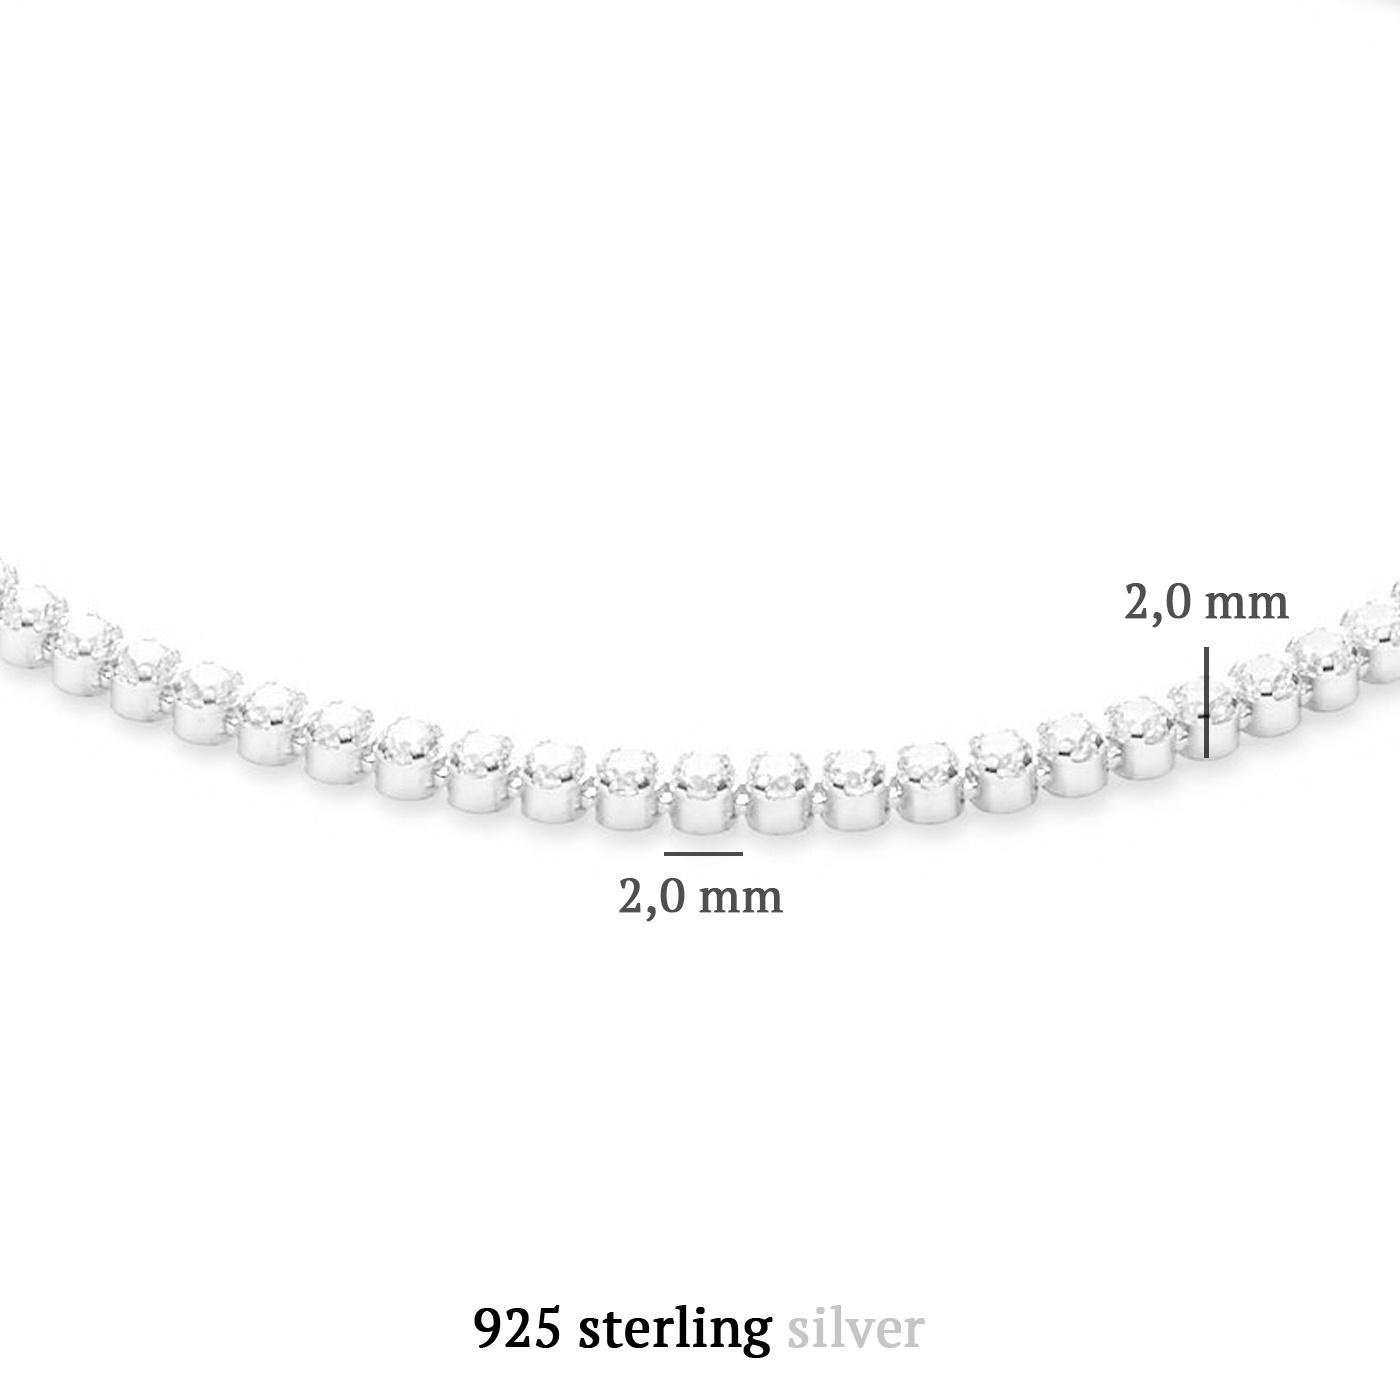 Parte di Me Ponte Vecchio Pitti bracelet en argent sterling 925